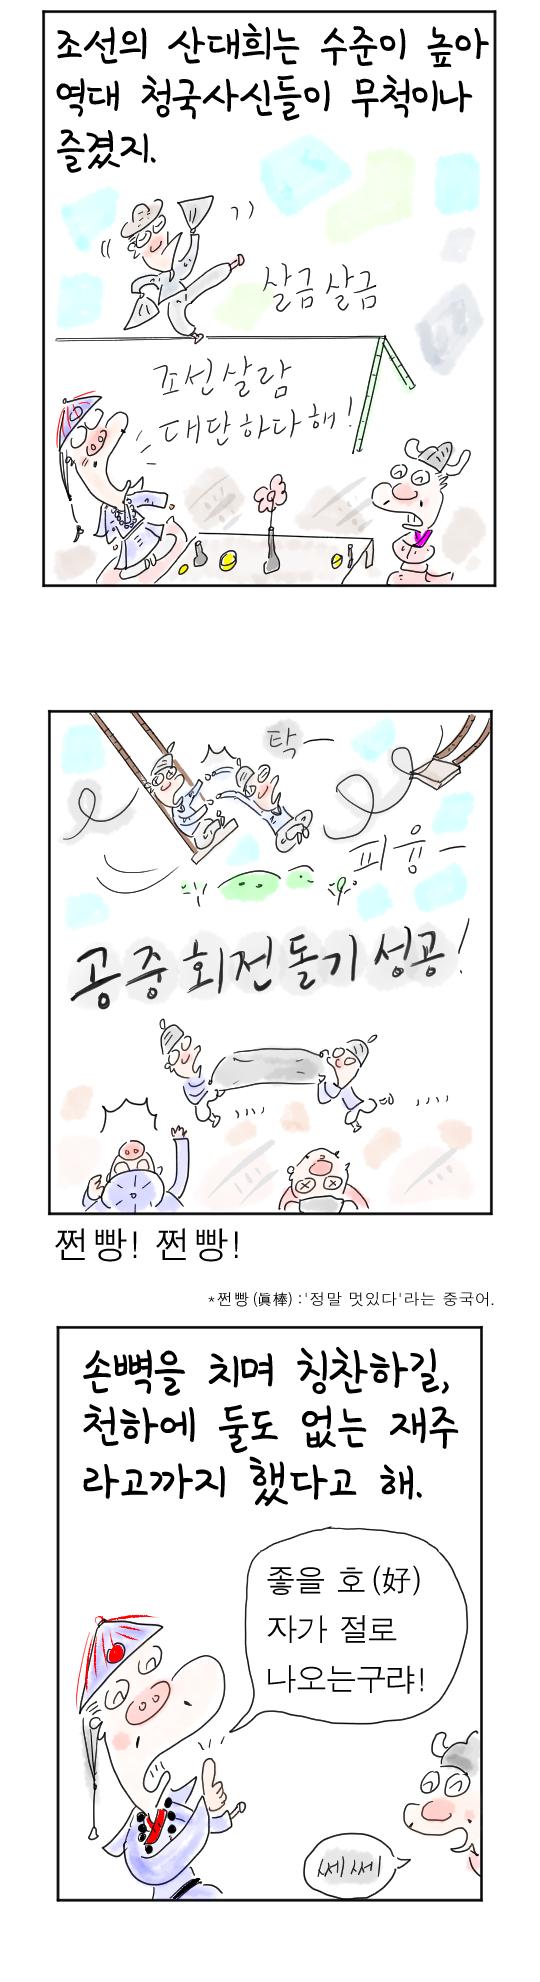 [역사툰] 史(사)람 이야기 20화: 조선 제일 춤꾼, 탁문한